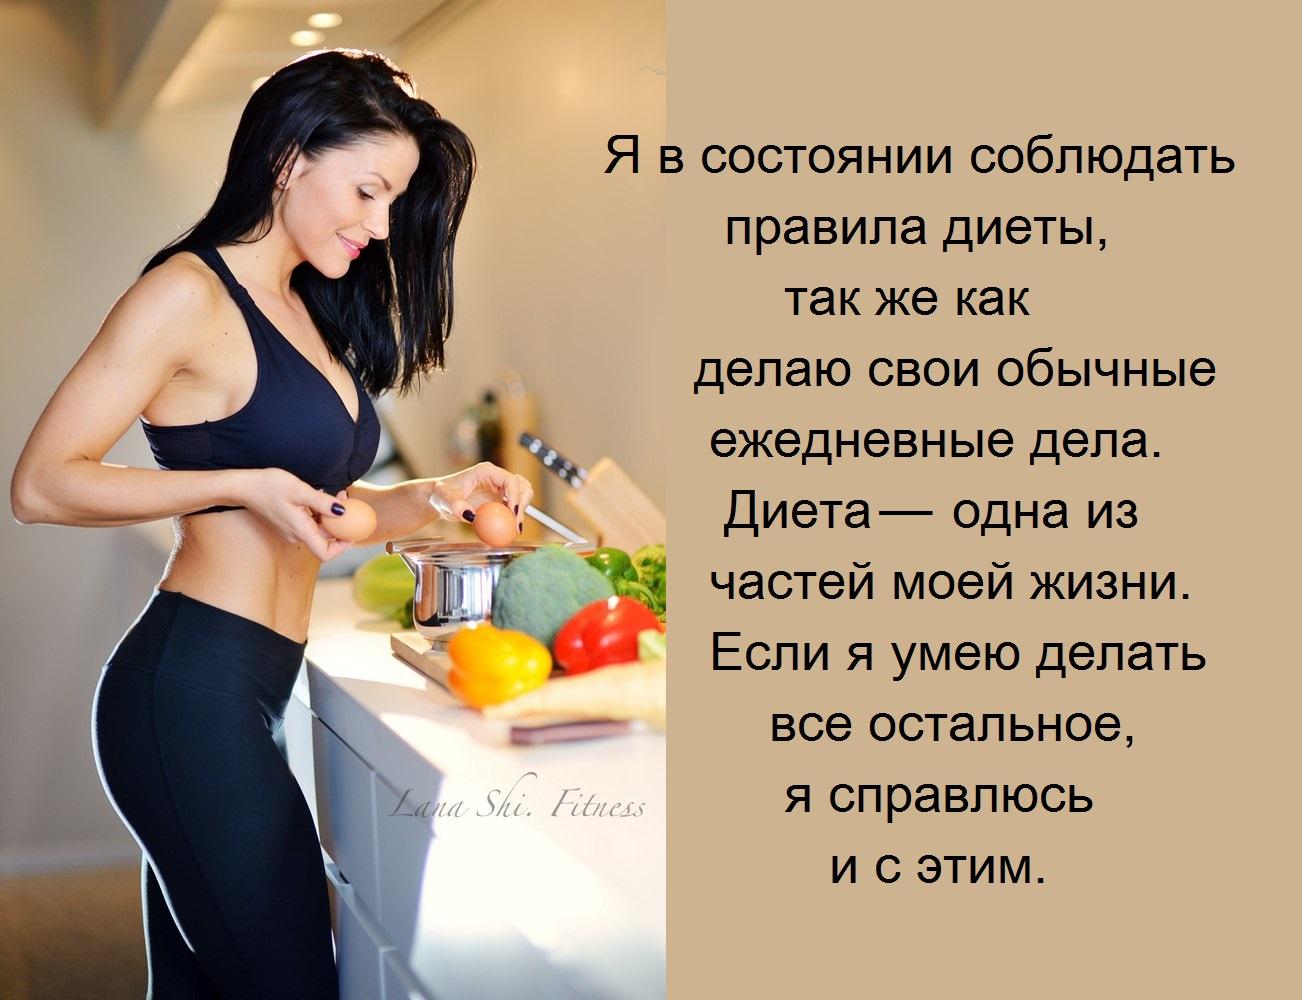 Мотивация для похудения на каждый день: психология и советы